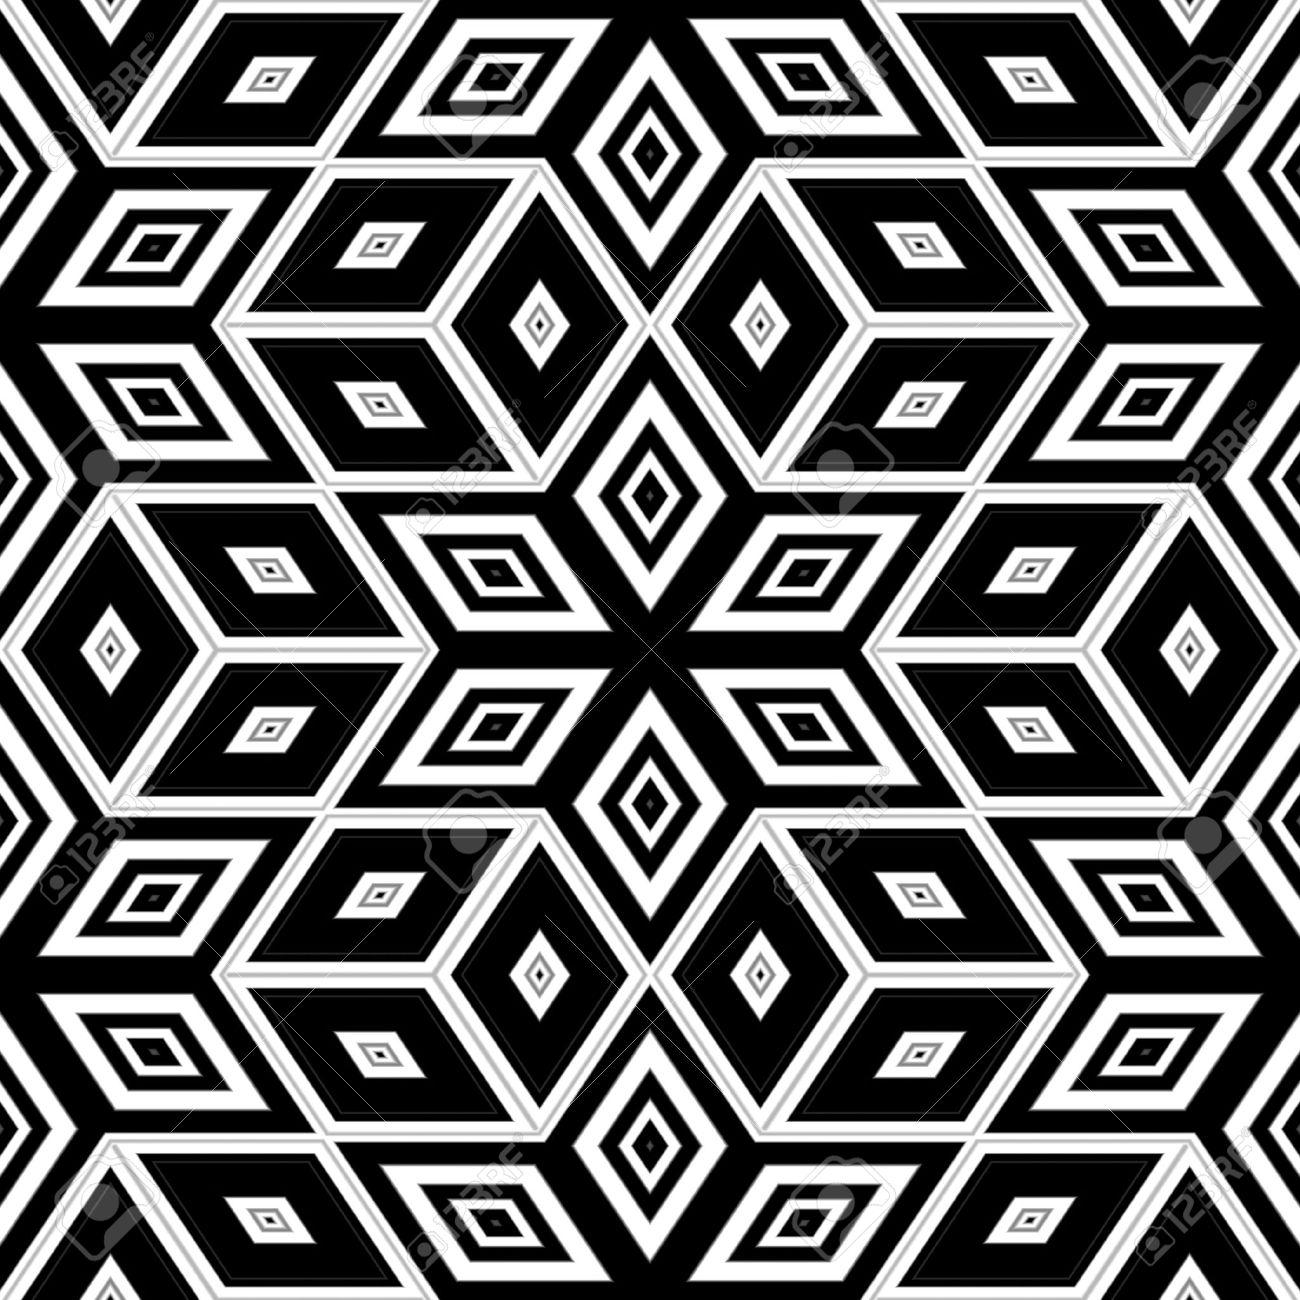 黒と白のシームレスな背景 エッシャーのスタイル の写真素材 画像素材 Image